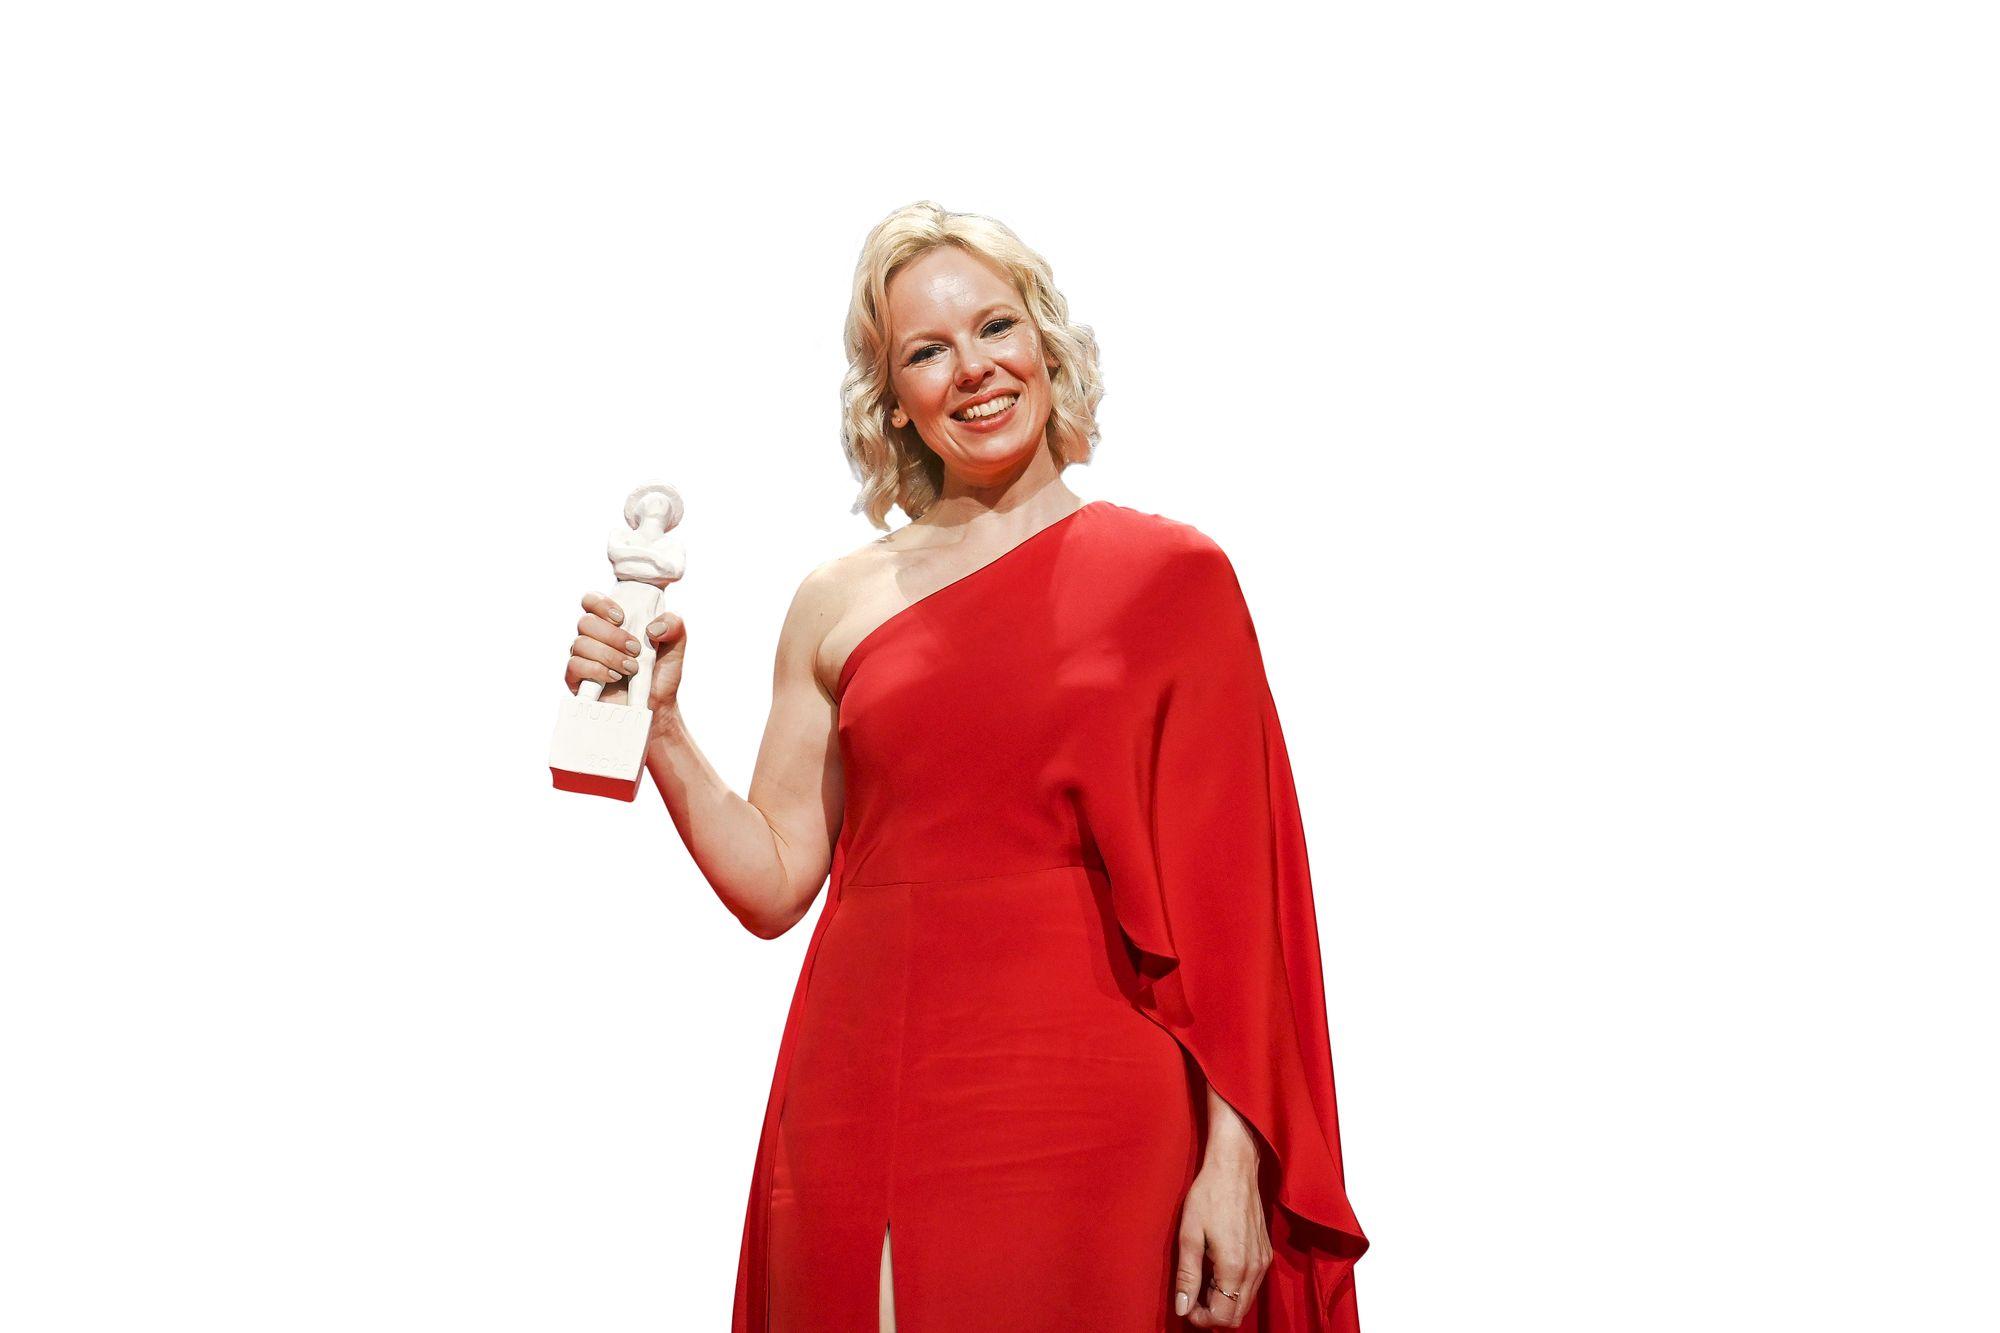 Tove -elokuva oli gaalan palkintorohmu vieden seitsemän pystiä. Alma Pöysti palkittiin parhaasta naispääosasta ja Zaida Bergroth parhaasta ohjauksesta. © Lehtikuva